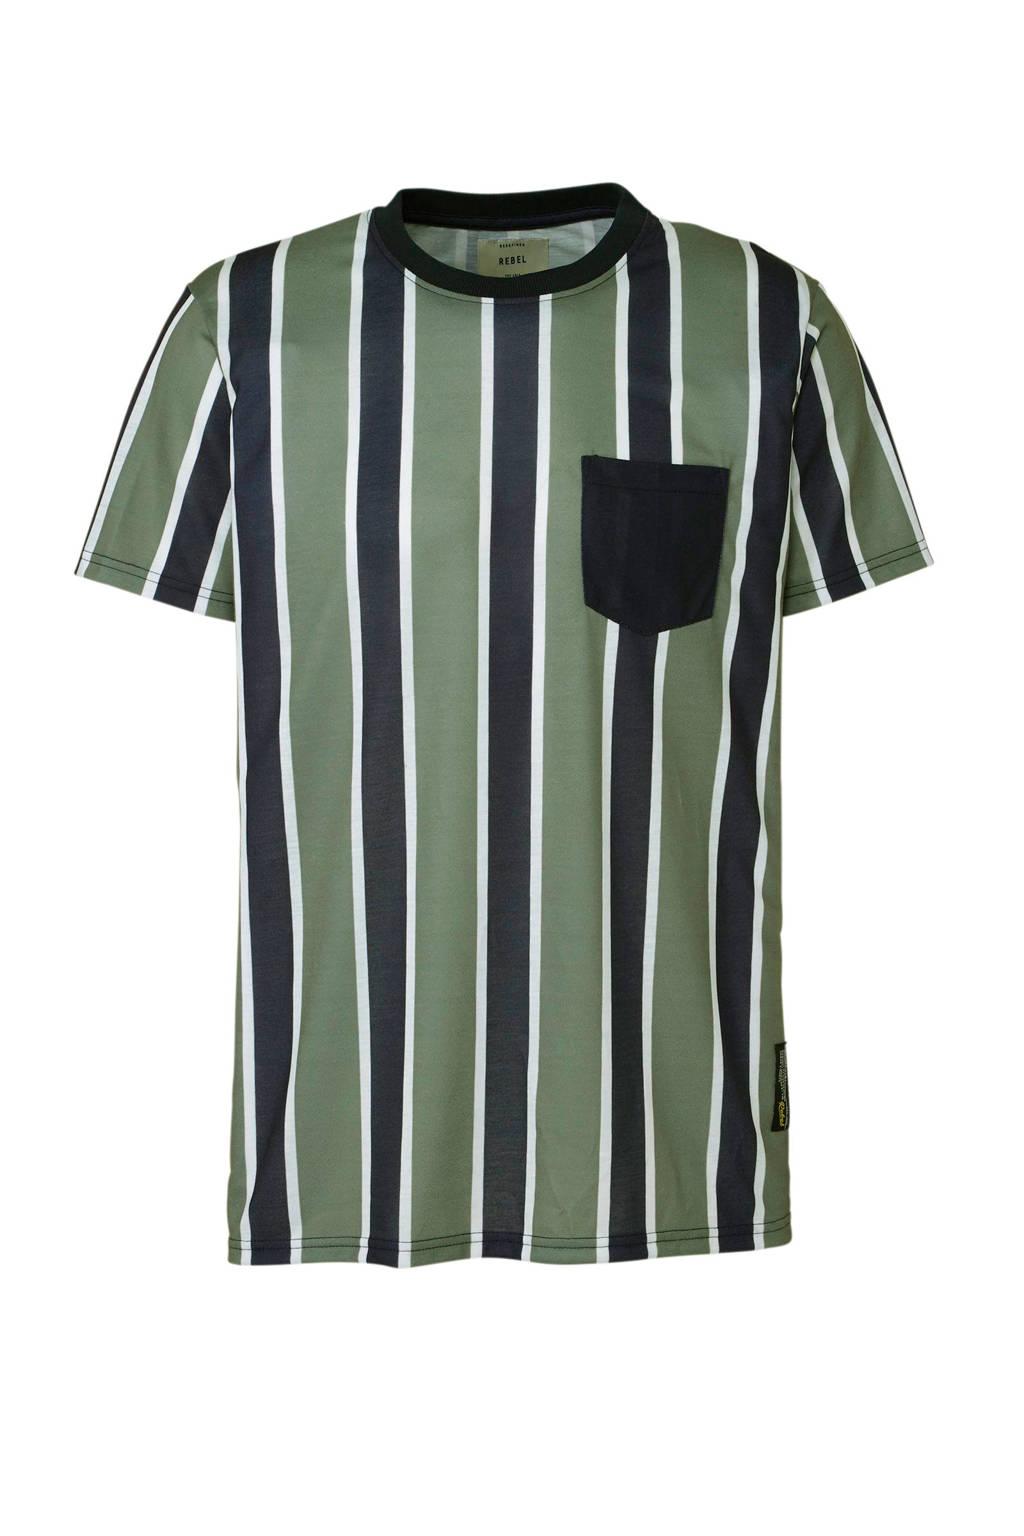 Redefined Rebel gestreept T-shirt groen, Groen/blauw